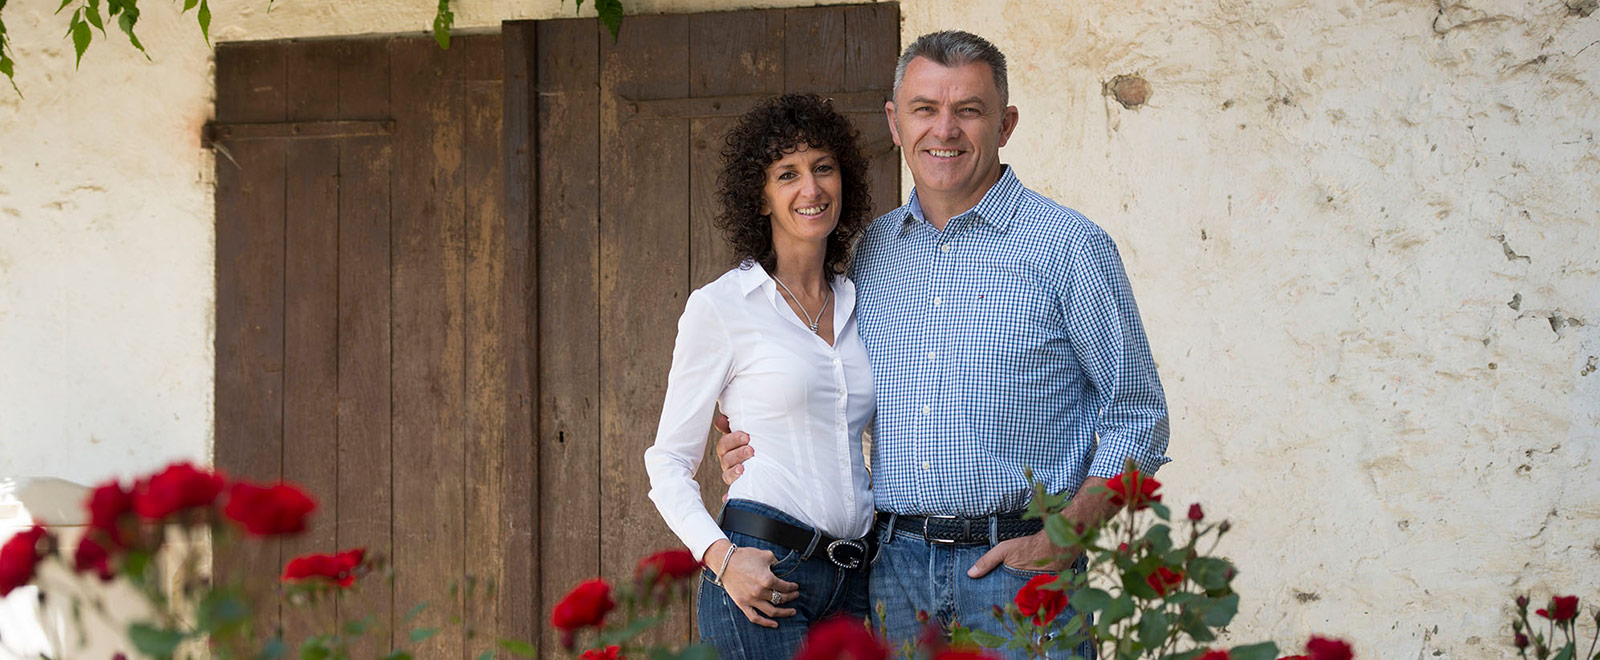 Bricco Maiolica - Cantina e ospitalità nelle Langhe